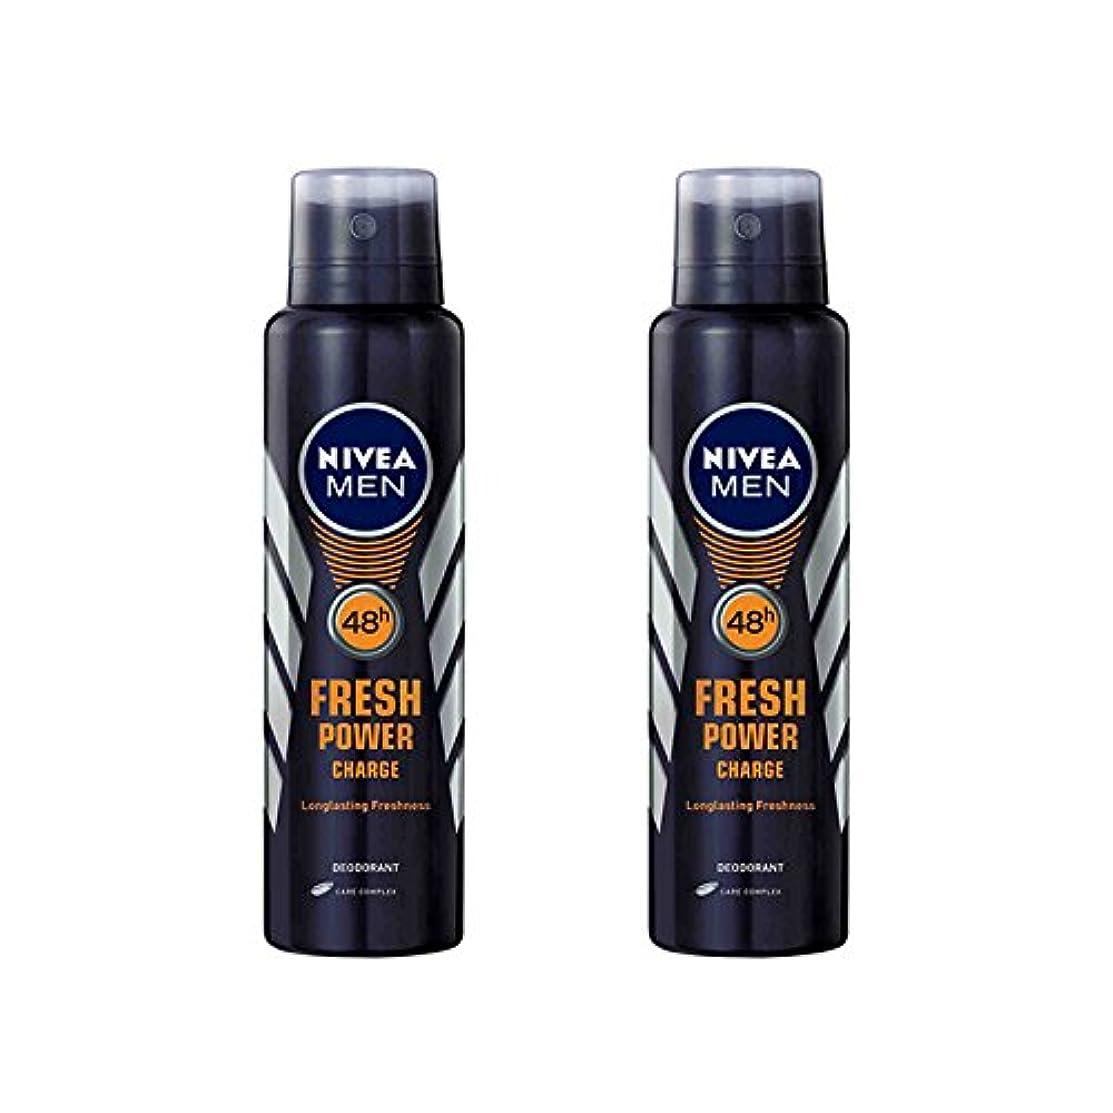 構成するサンドイッチはず2 Lots X Nivea Male Deodorant Fresh Power Charge, 150ml - 並行輸入品 - 2ロットXニベア男性デオドラントフレッシュパワーチャージ、150ml